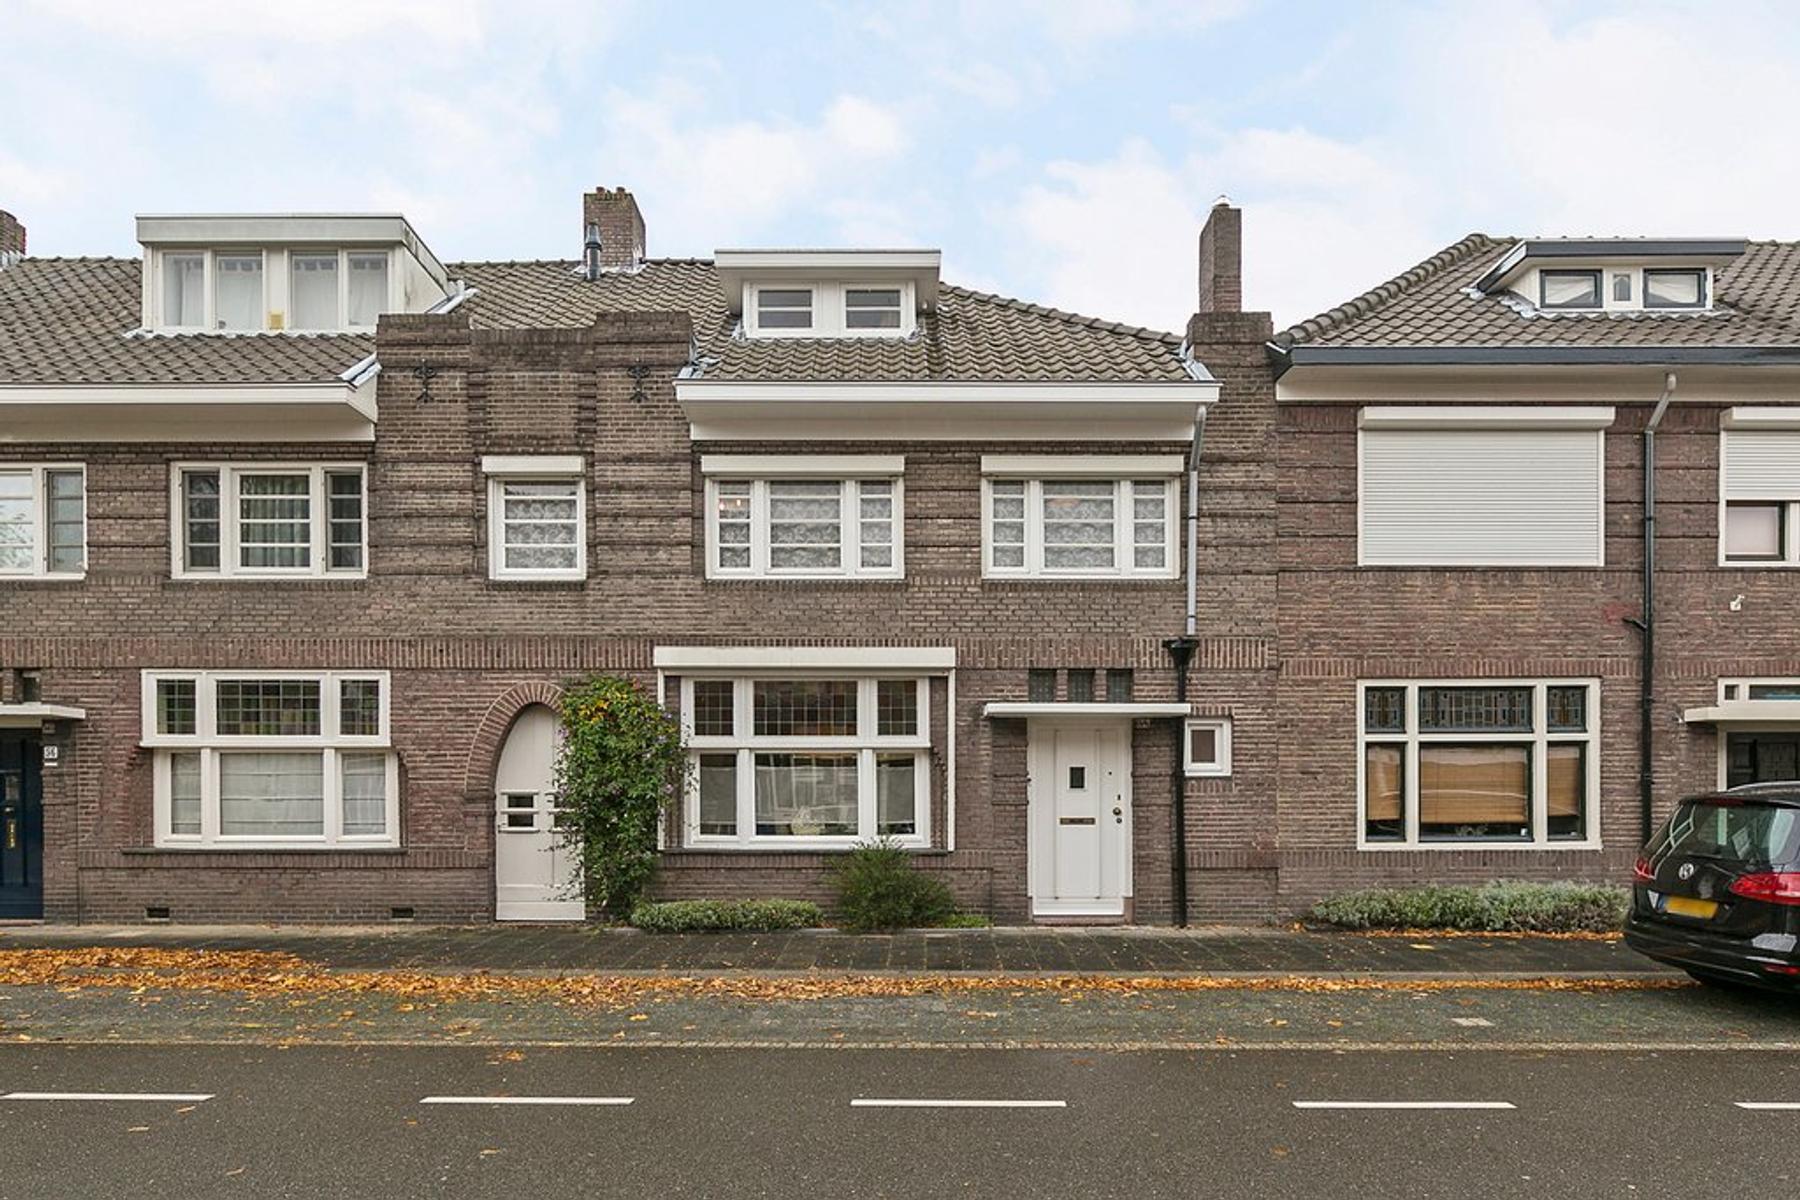 Gestelsestraat 54 in Eindhoven 5615 LG